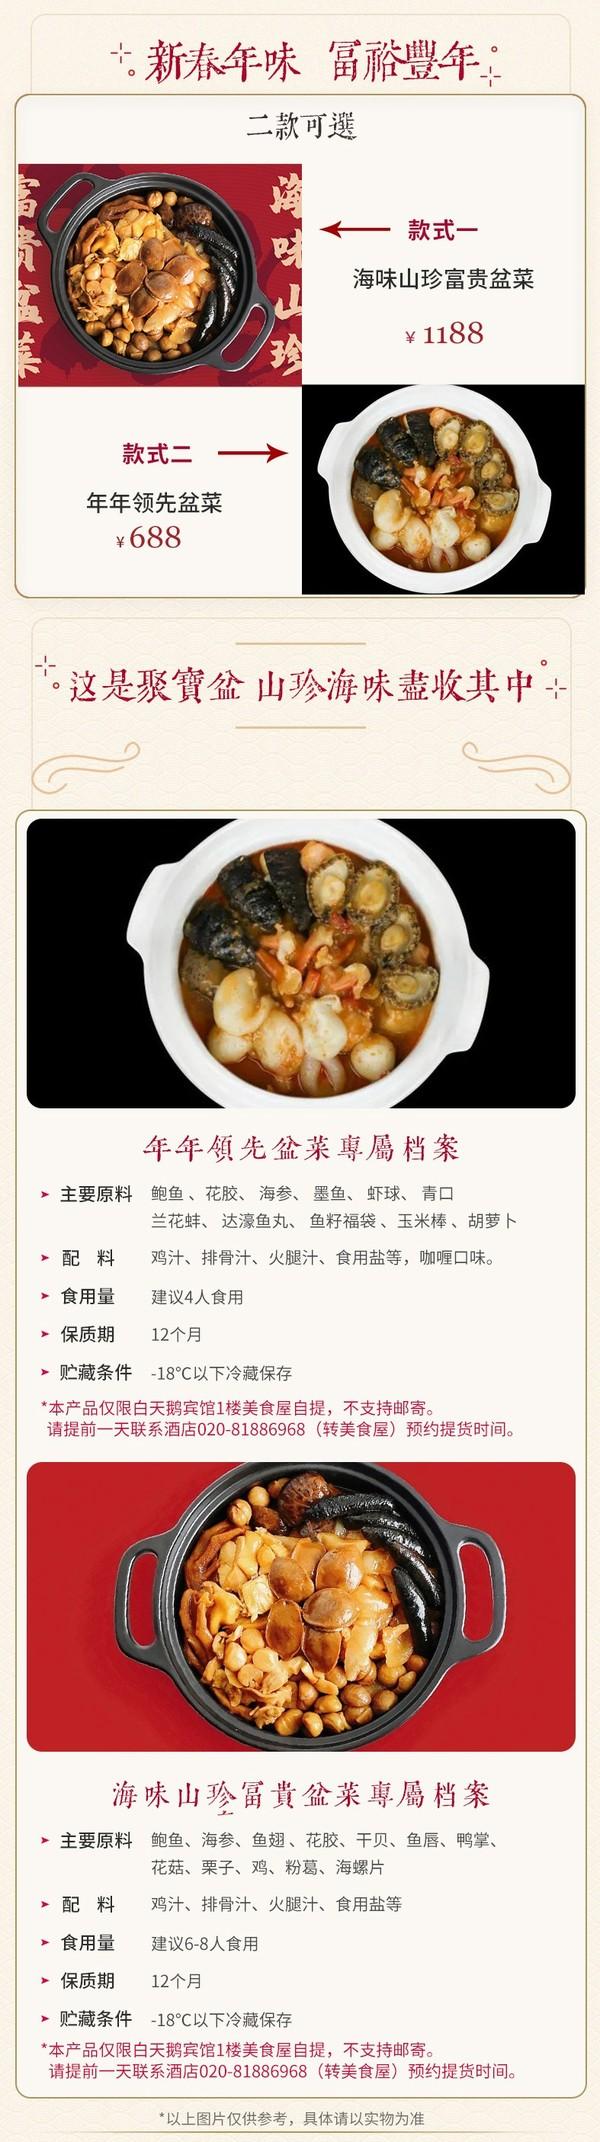 需自提!春节可用!广州白天鹅宾馆 盘菜礼盒